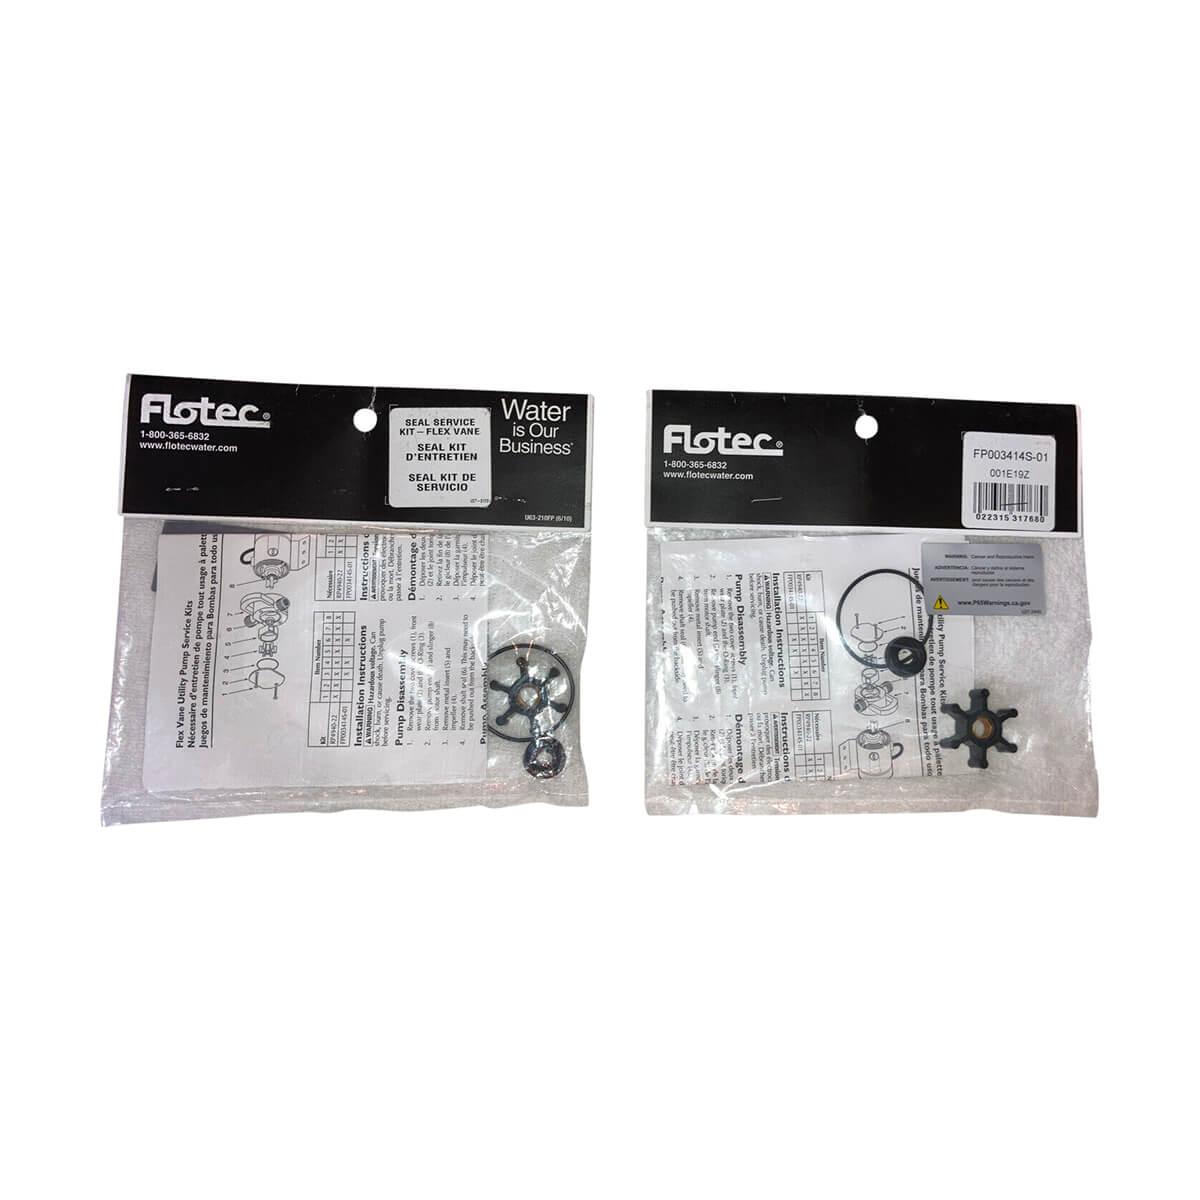 Pentair Parts Repair Kit - 2O FP003414S-01-P2 M40-04